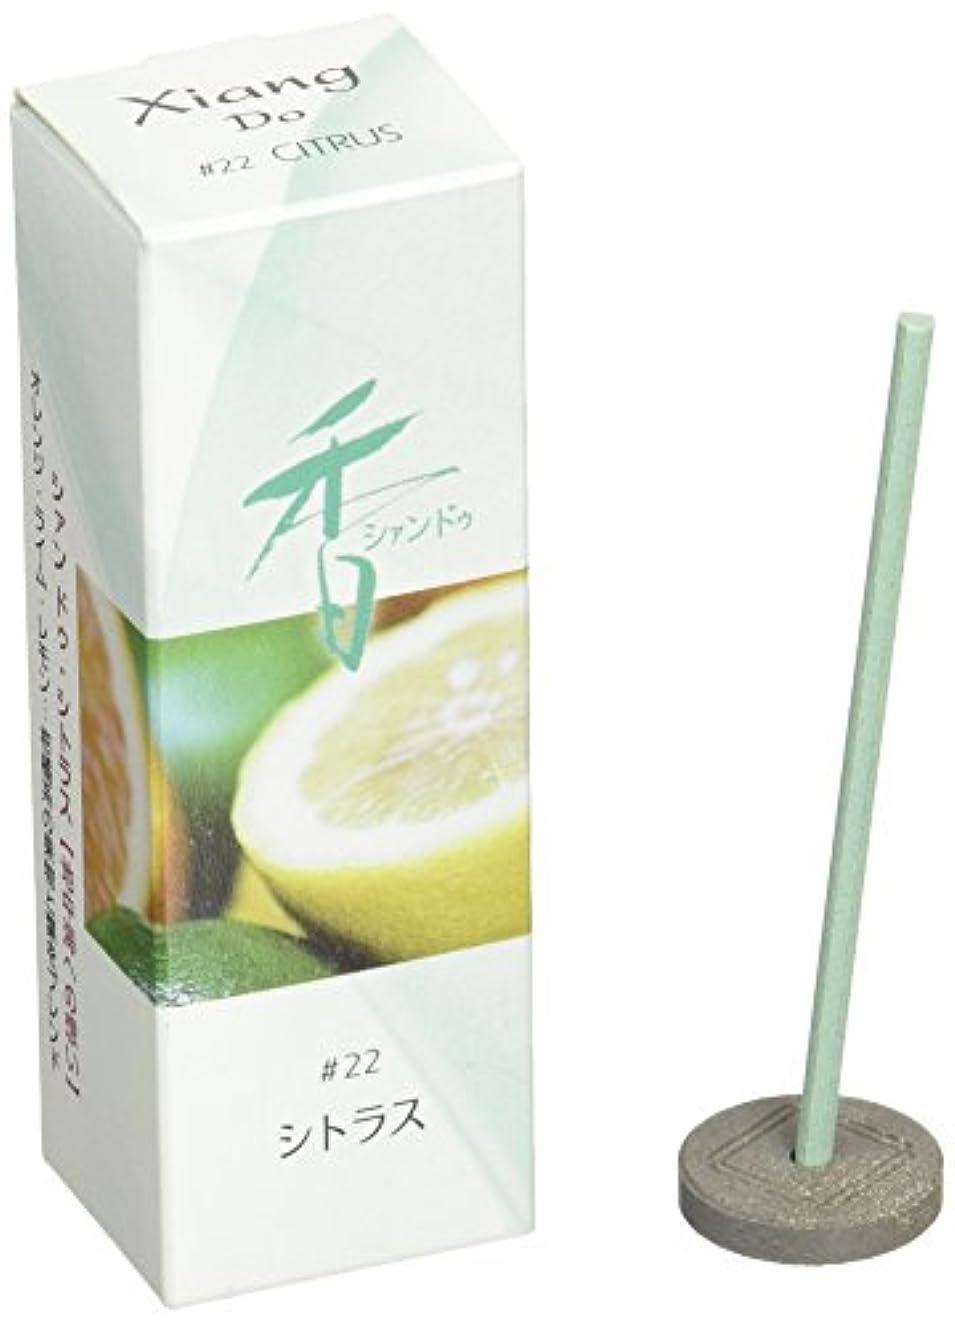 装置幻滅ユーモラス松栄堂のお香 Xiang Do(シャンドゥ) シトラス ST20本入 簡易香立付 #214222